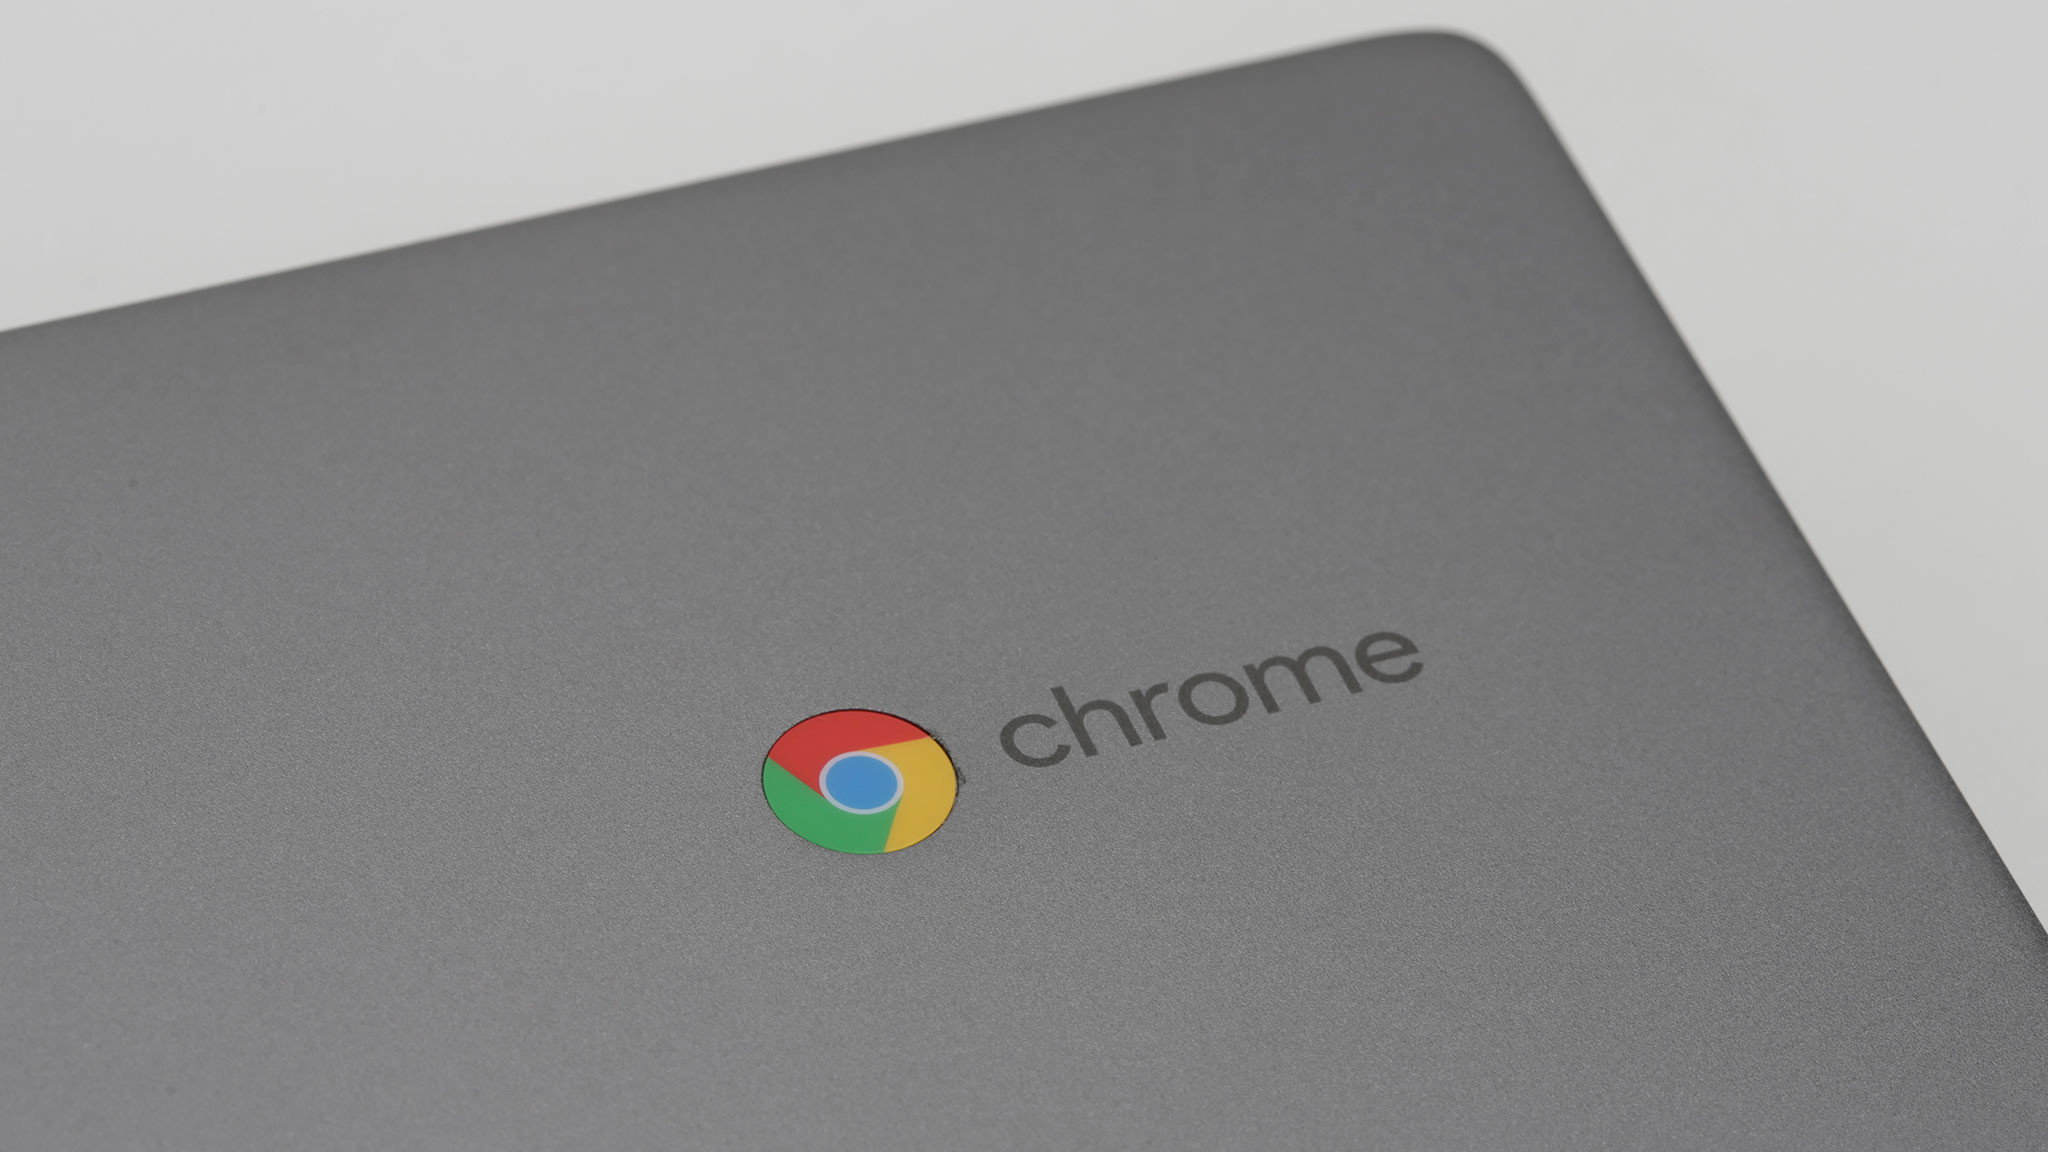 Chrome-Logo auf dem Deckel des Lenovo Chromebook C340 in der Nahaufnahme.©COMPUTER BILD